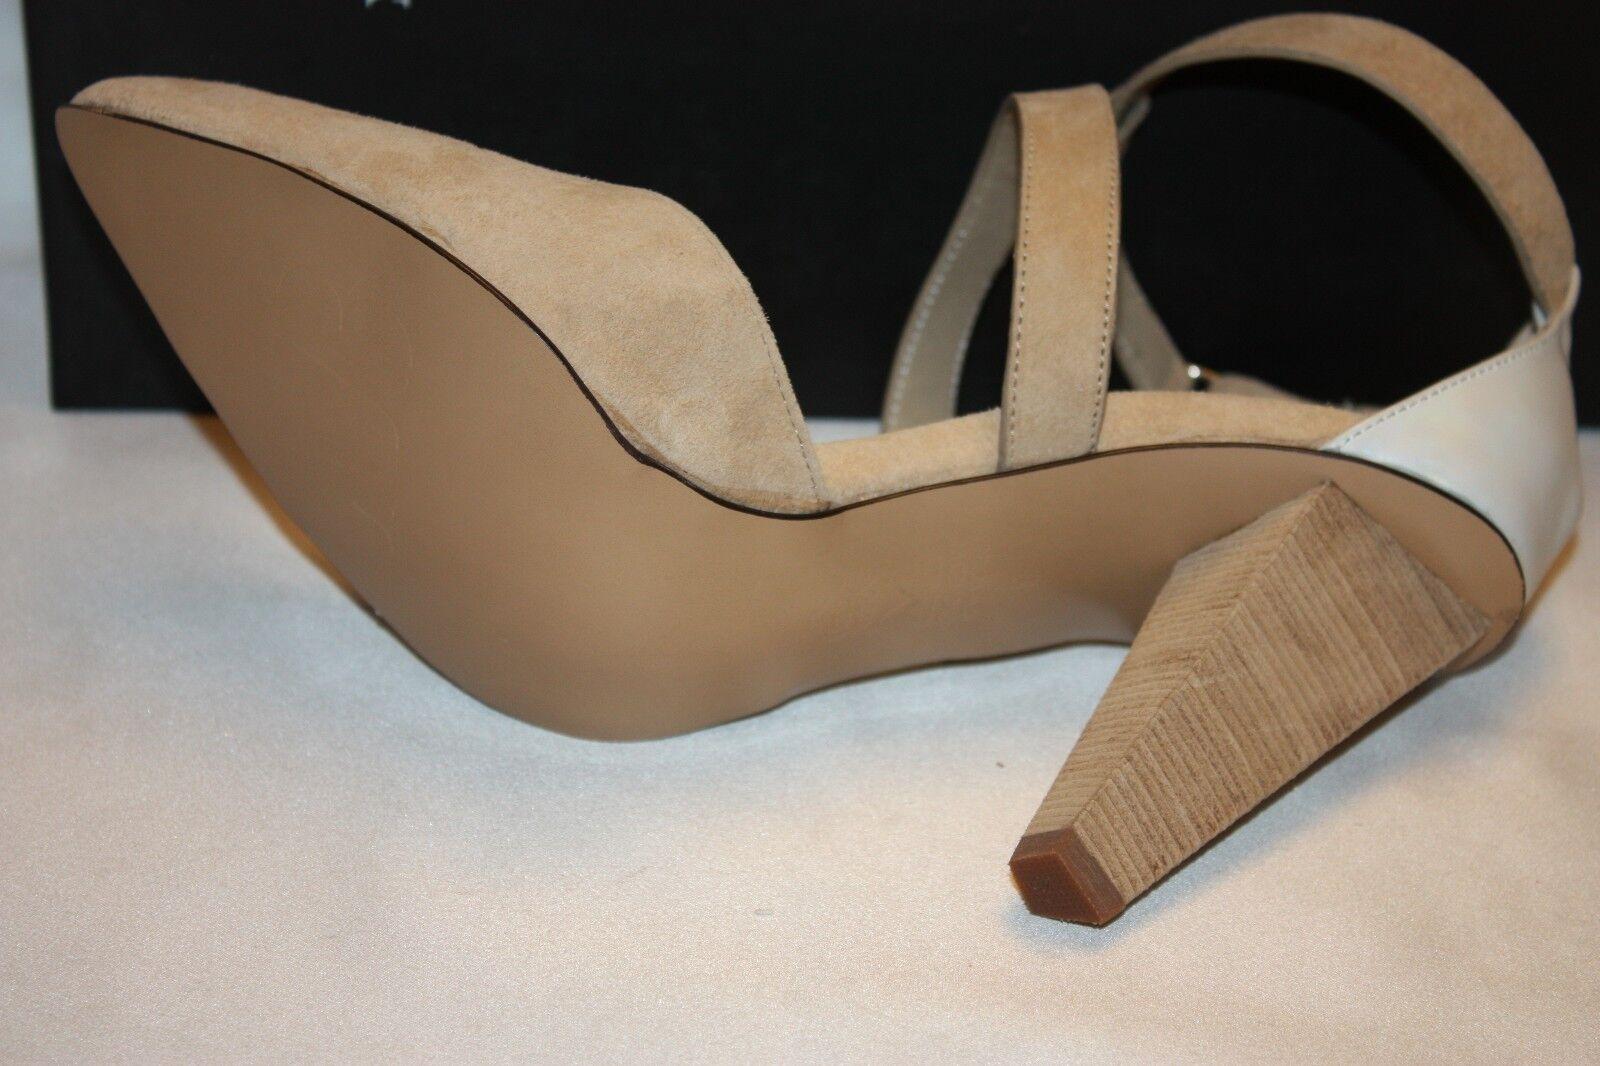 NEW NIB MATT BERNSON New York CASEY JONES Sand Suede Suede Suede Weiß Patent Heels 4751f9